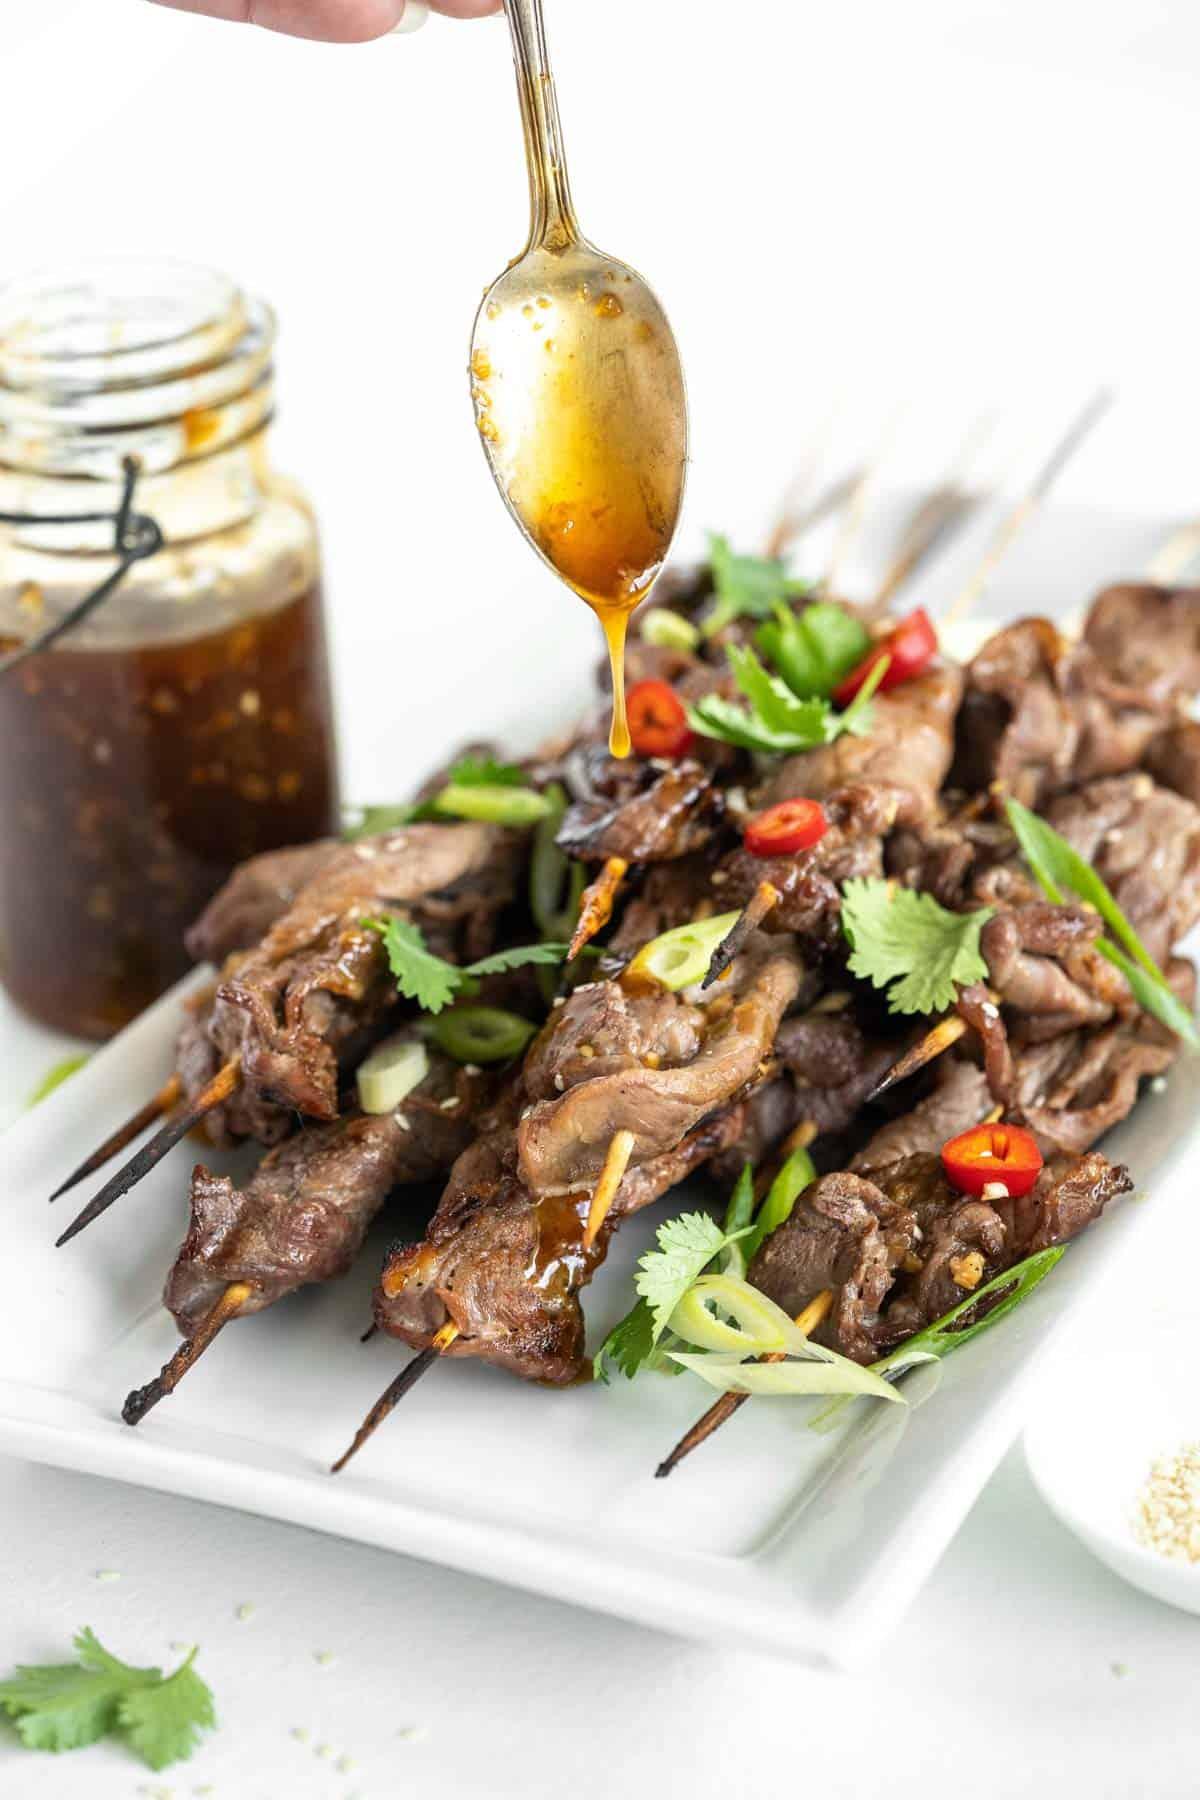 spoon drizzling teriyaki sauce over grilled steak skewers